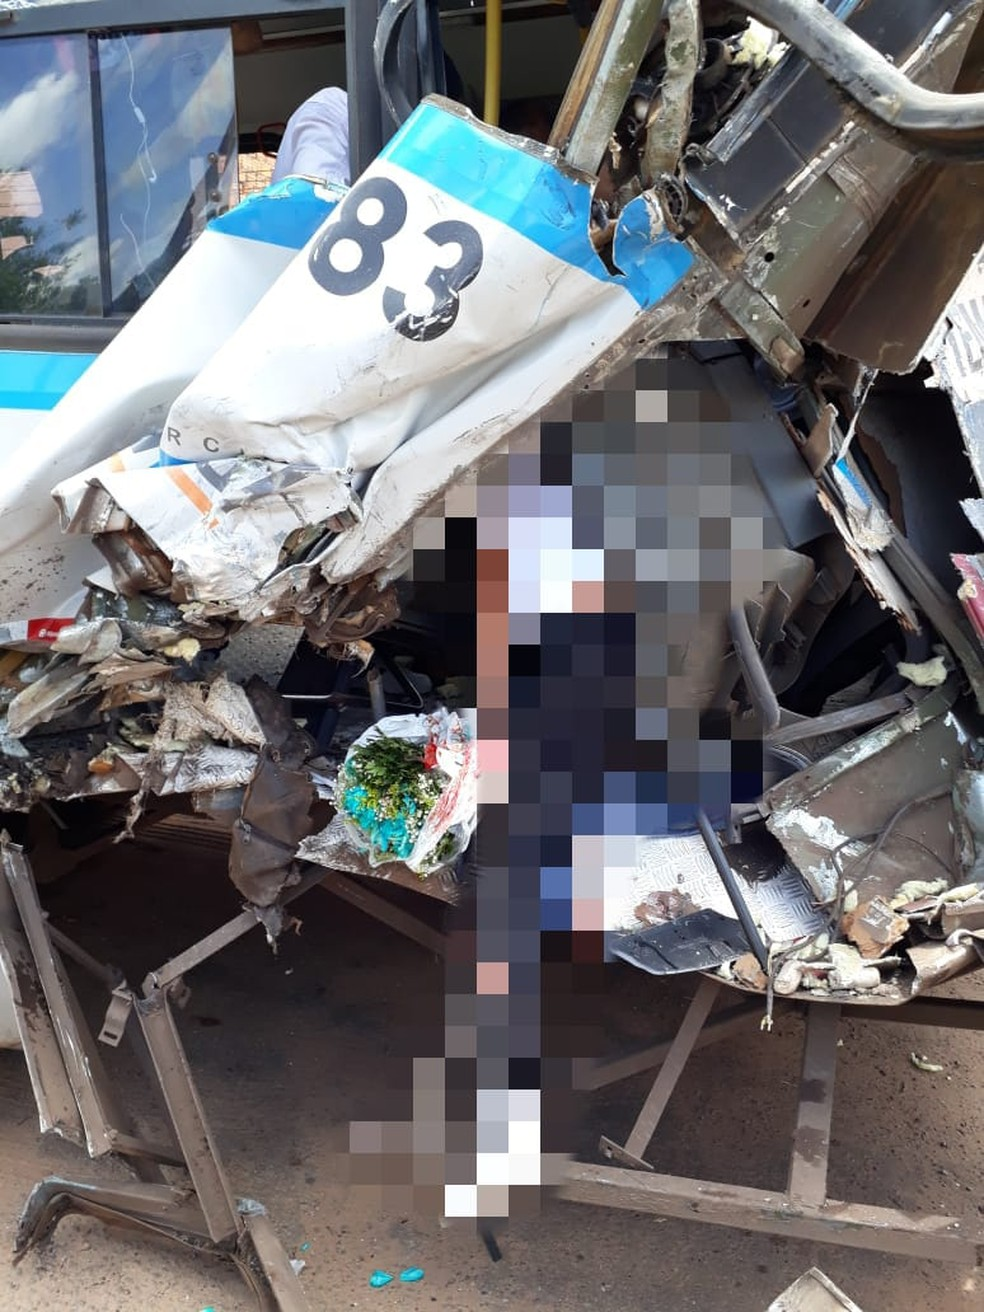 Caminhão colide em ônibus na faixa de pedestre e deixa três pessoas feridas na BR-135 — Foto: Divulgação/Redes sociais